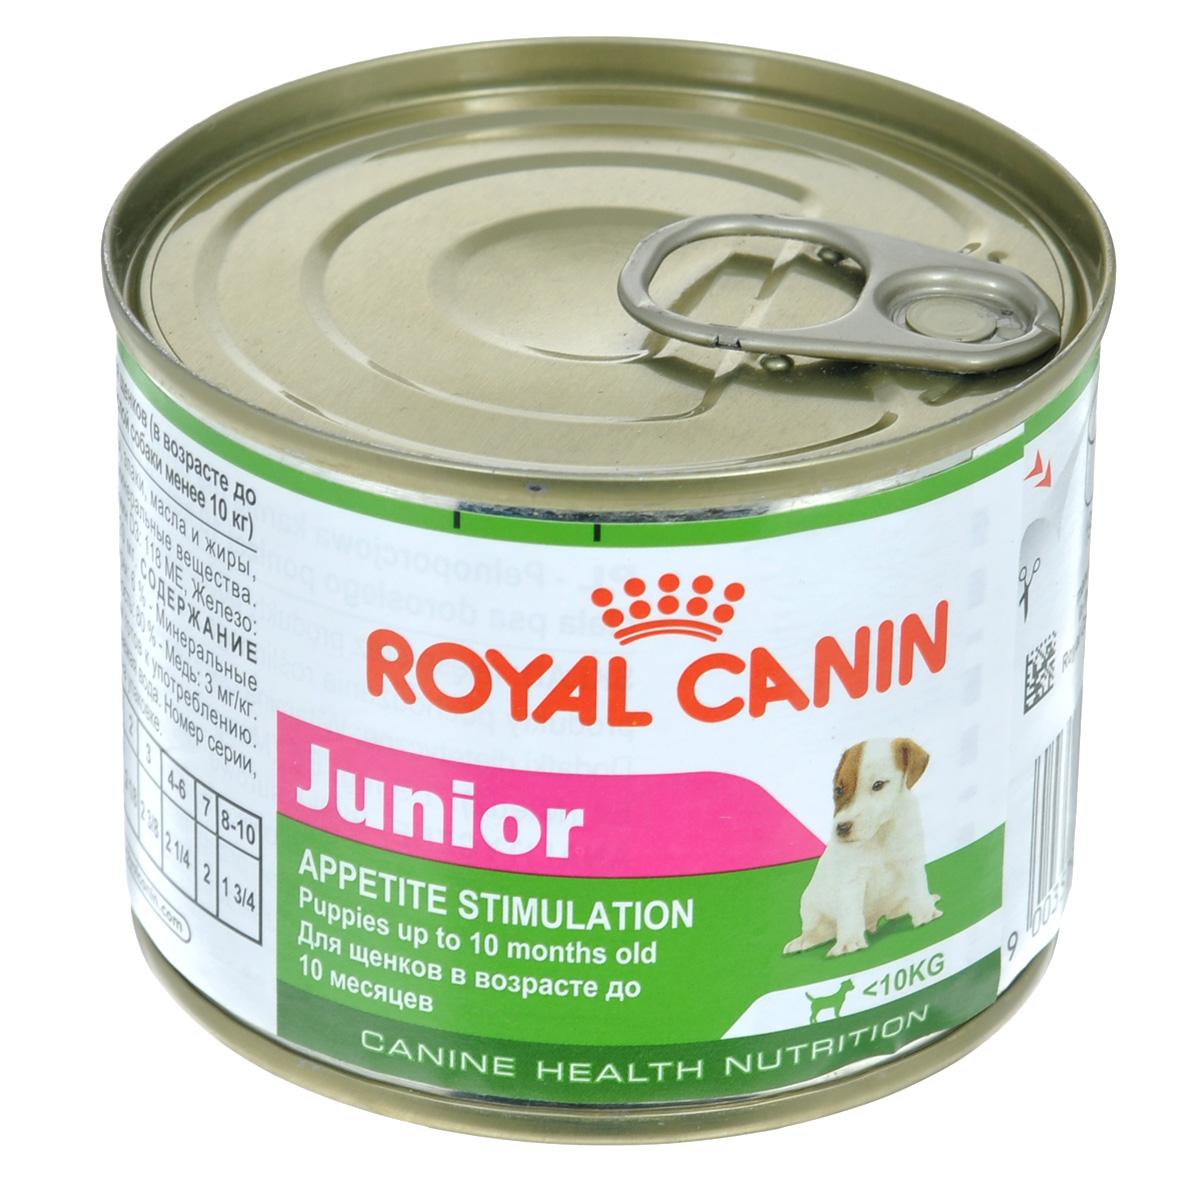 Консервы Royal Canin Junior, для щенков мелких пород, 195 г55030015Консервы Royal Canin Junior - полнорационный корм для щенков в возрасте до 10 месяцев, который обладает высокой вкусовой привлекательностью и способен удовлетворить потребности щенка в питании в период роста.Состав: мясо и мясные субпродукты, злаки, масла и жиры, субпродукты растительного происхождения, минеральные вещества. Добавки (в 1 кг): питательные добавки: Витамин D3: 118 ME, Железо: 6,5 мг, Йод: 0,2 мг, Марганец: 2 мг, Цинк: 20 мг. Товар сертифицирован.